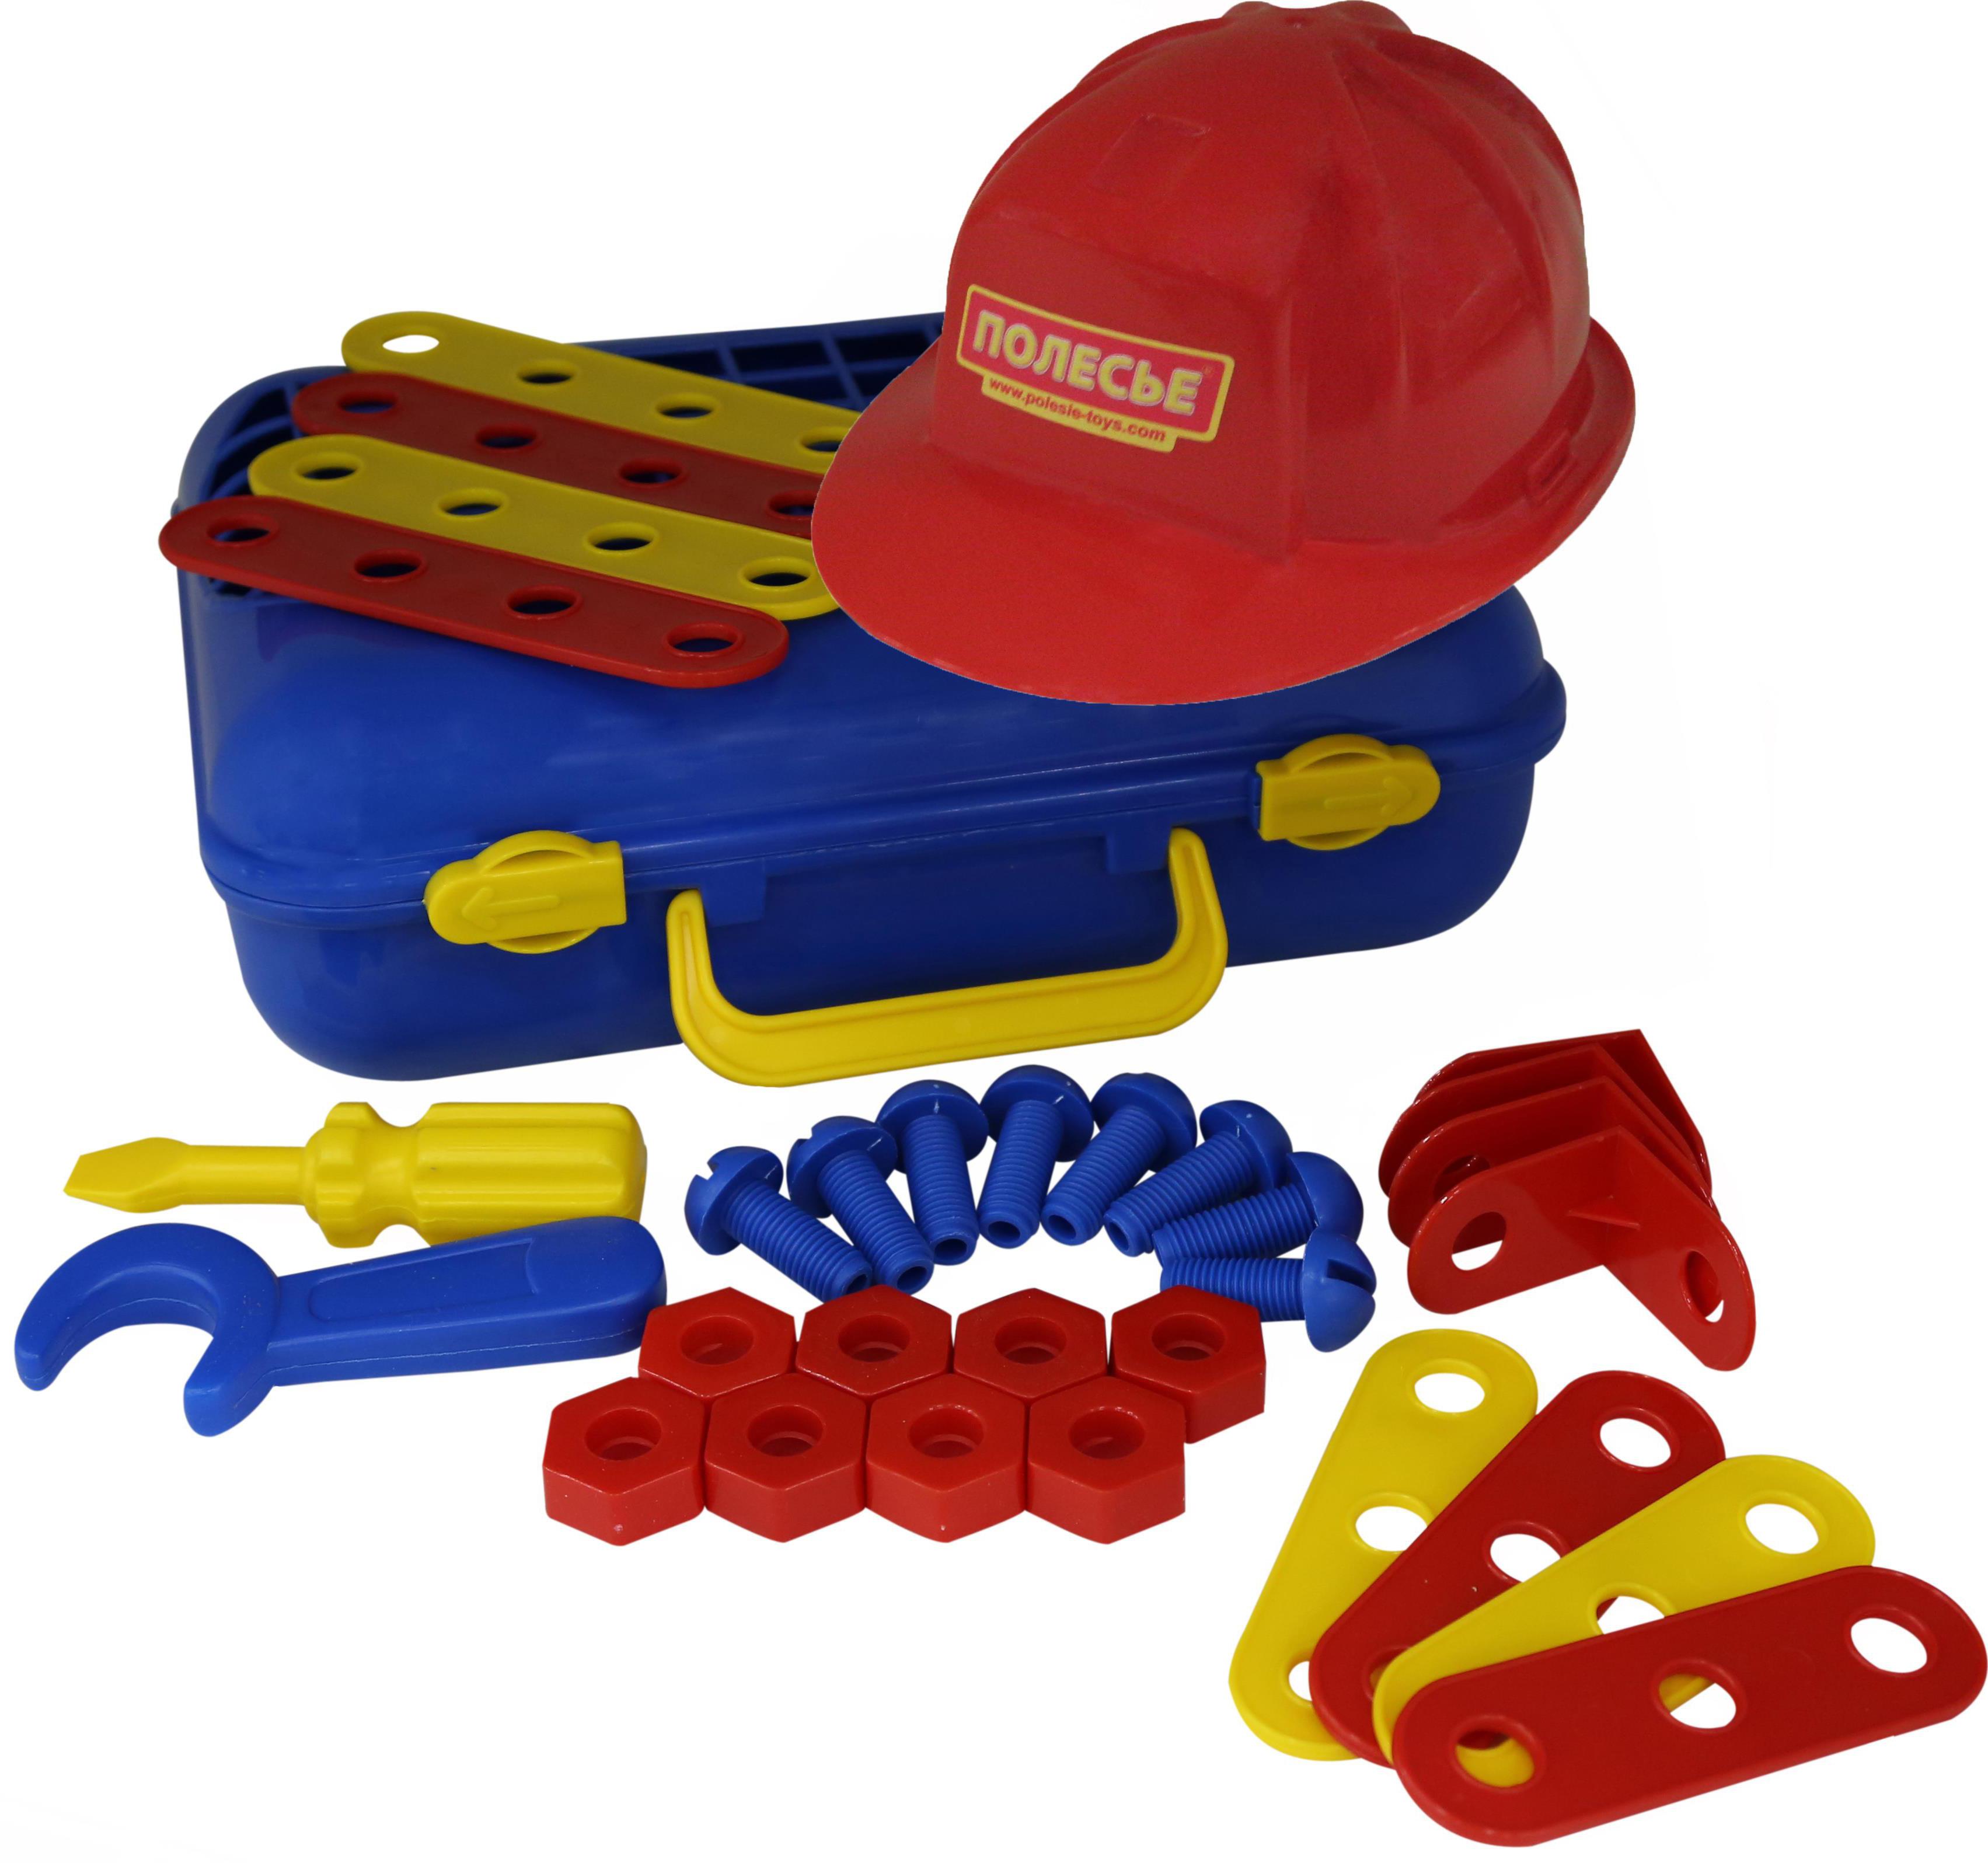 Набор - Механик 2, 31 элемент, в чемоданеДетские мастерские, инструменты<br>Набор - Механик 2, 31 элемент, в чемодане<br>